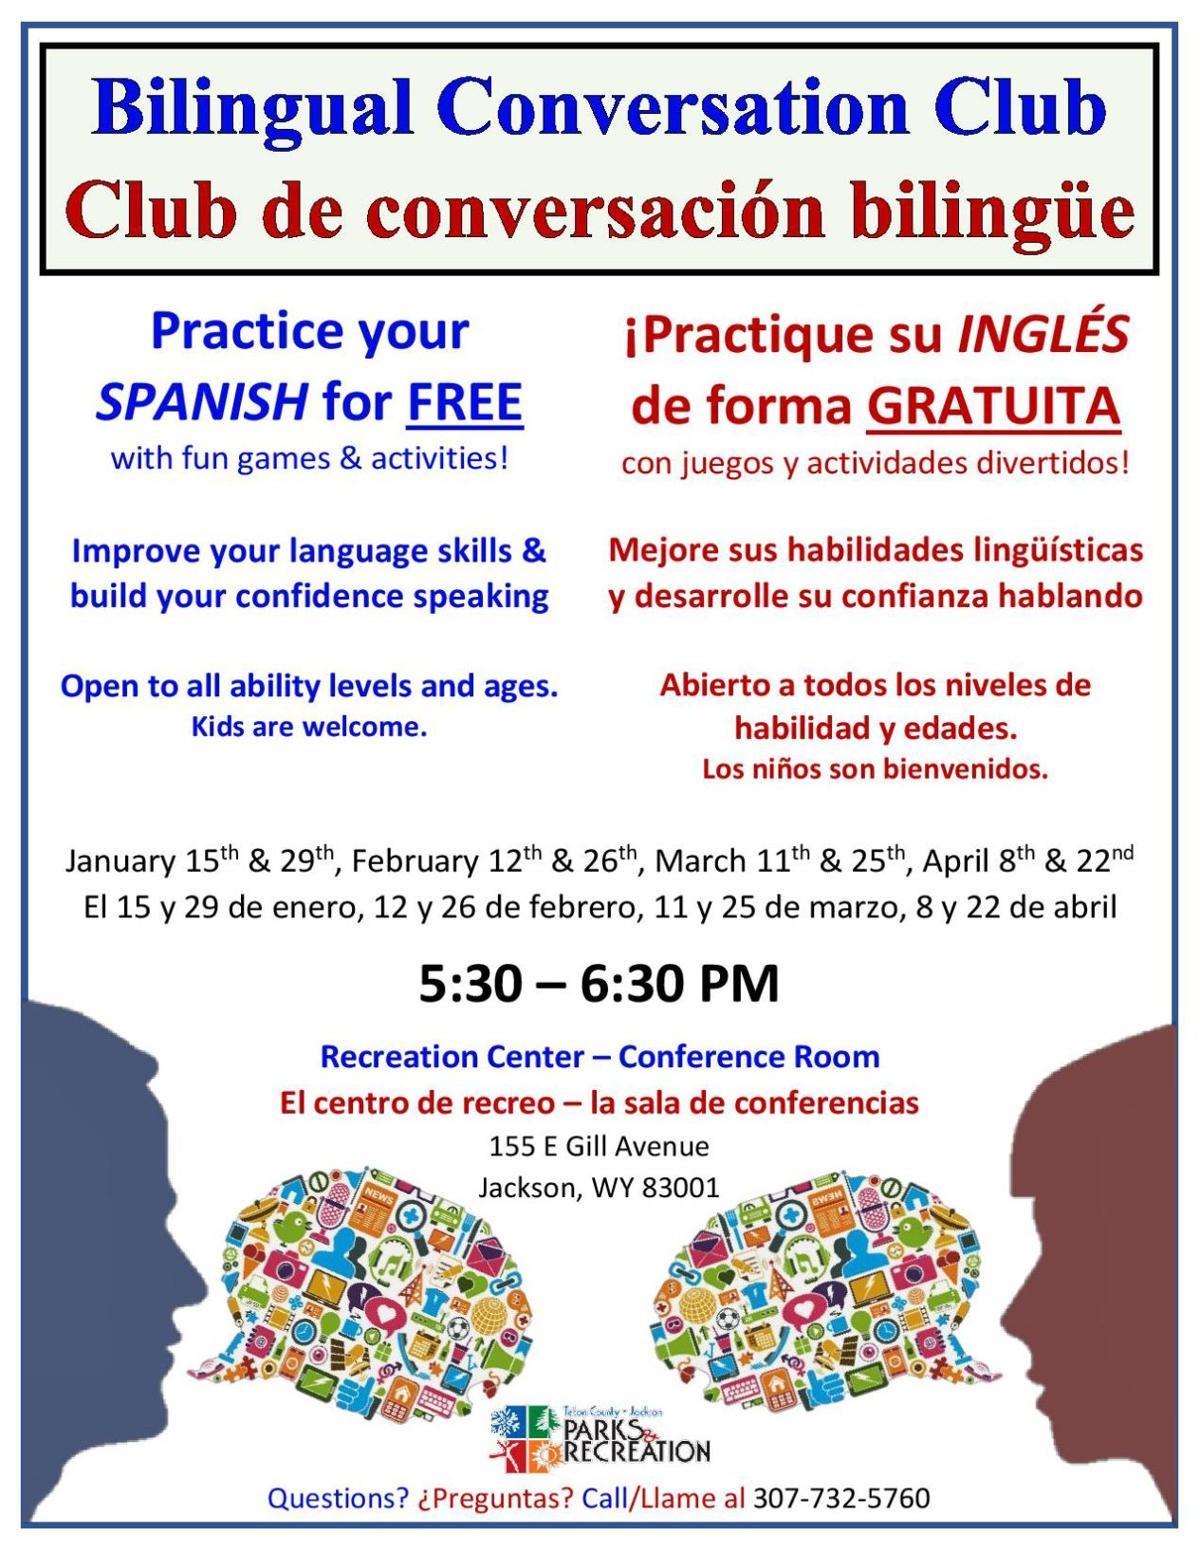 Bilingual Conversation Club / Club de conversación bilingüe